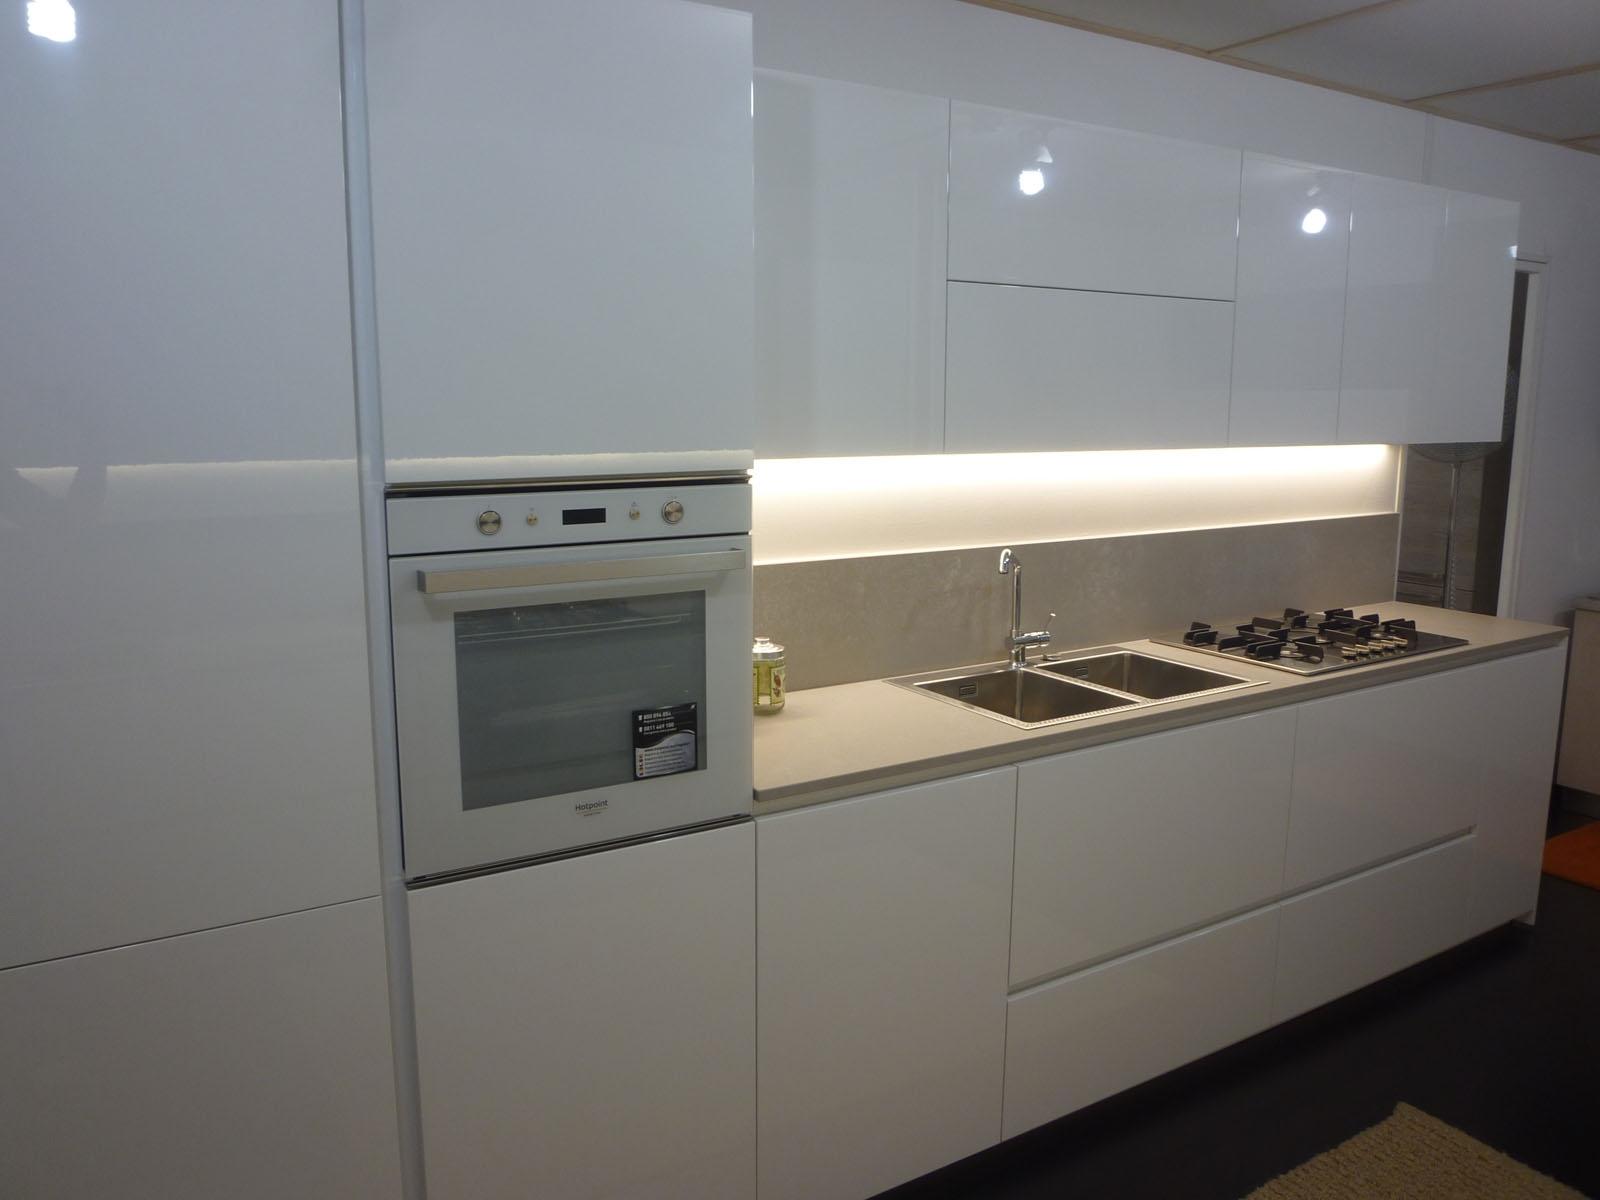 Cucina gentili cucine time laccato cucine a prezzi scontati - Cucine euromobil prezzi ...